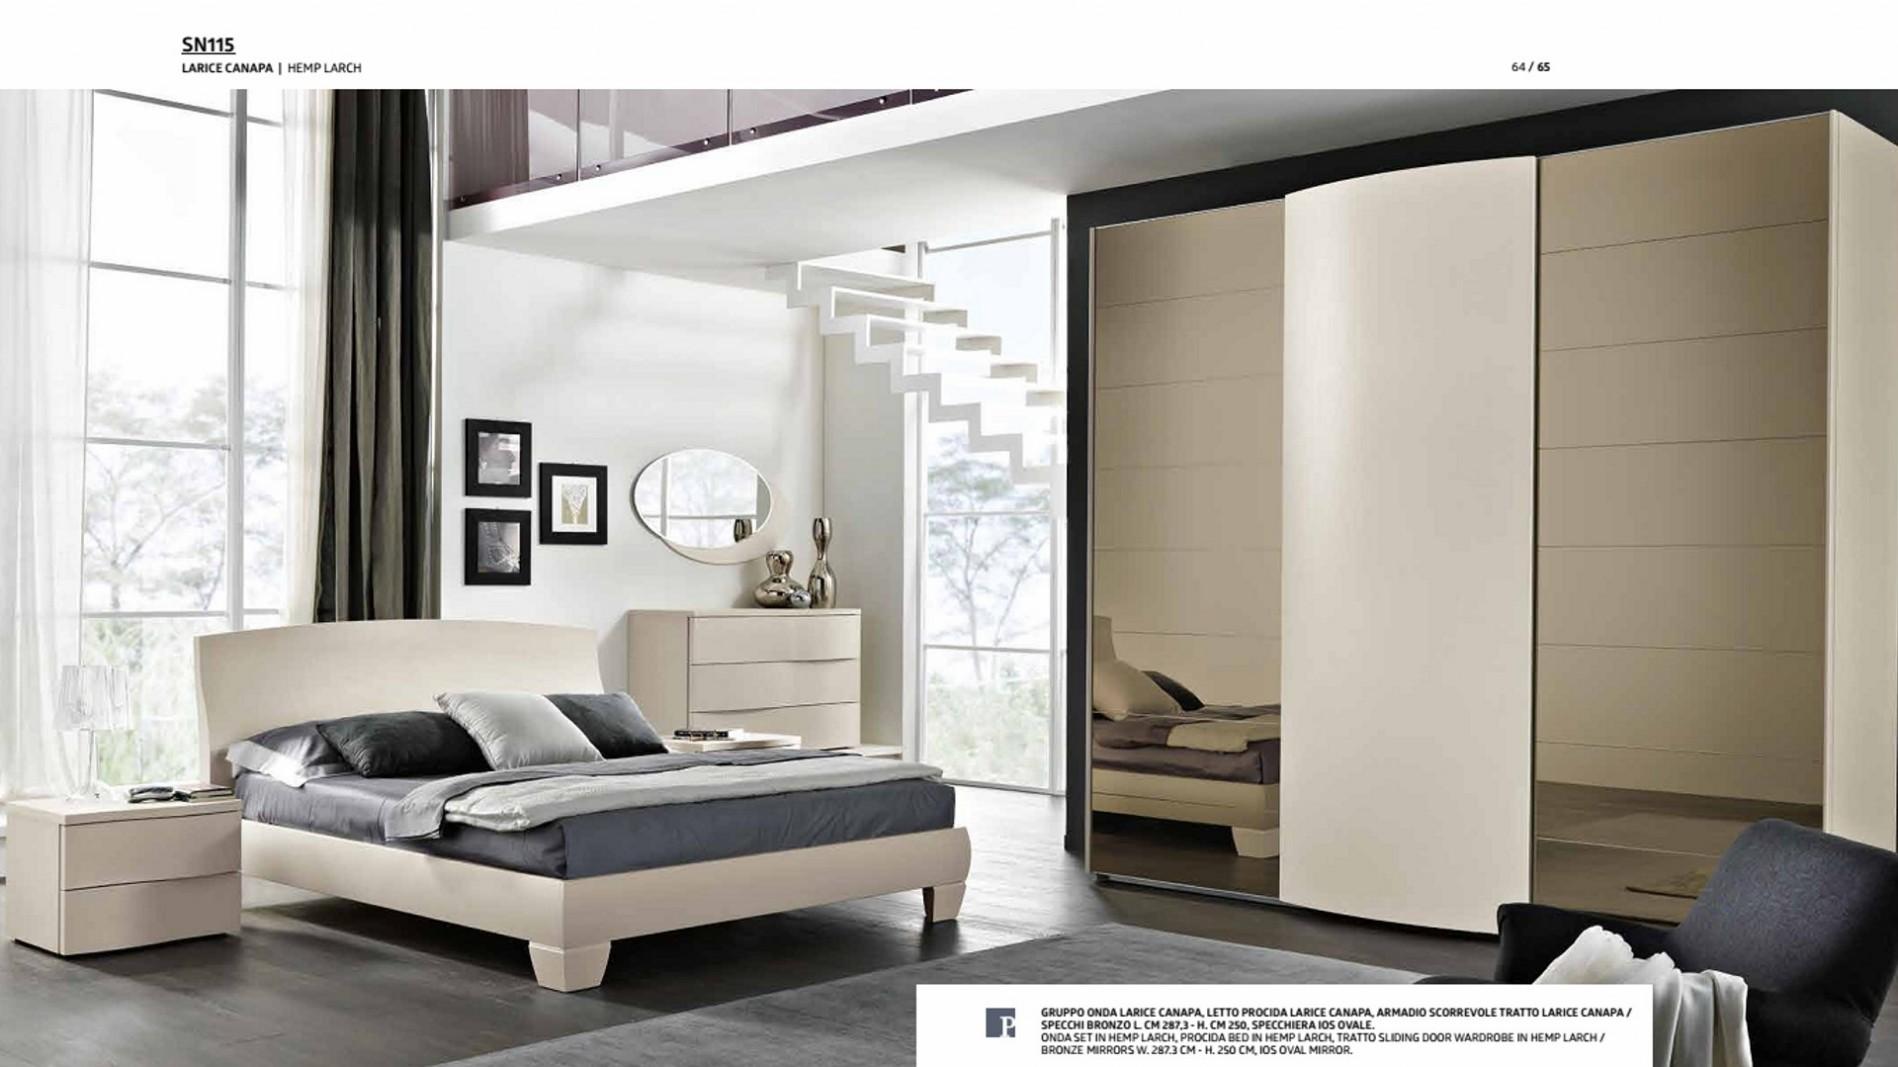 schlafzimmer modern italienische m bel schlafzimmer italienische schlafzimmerm bel camera da. Black Bedroom Furniture Sets. Home Design Ideas